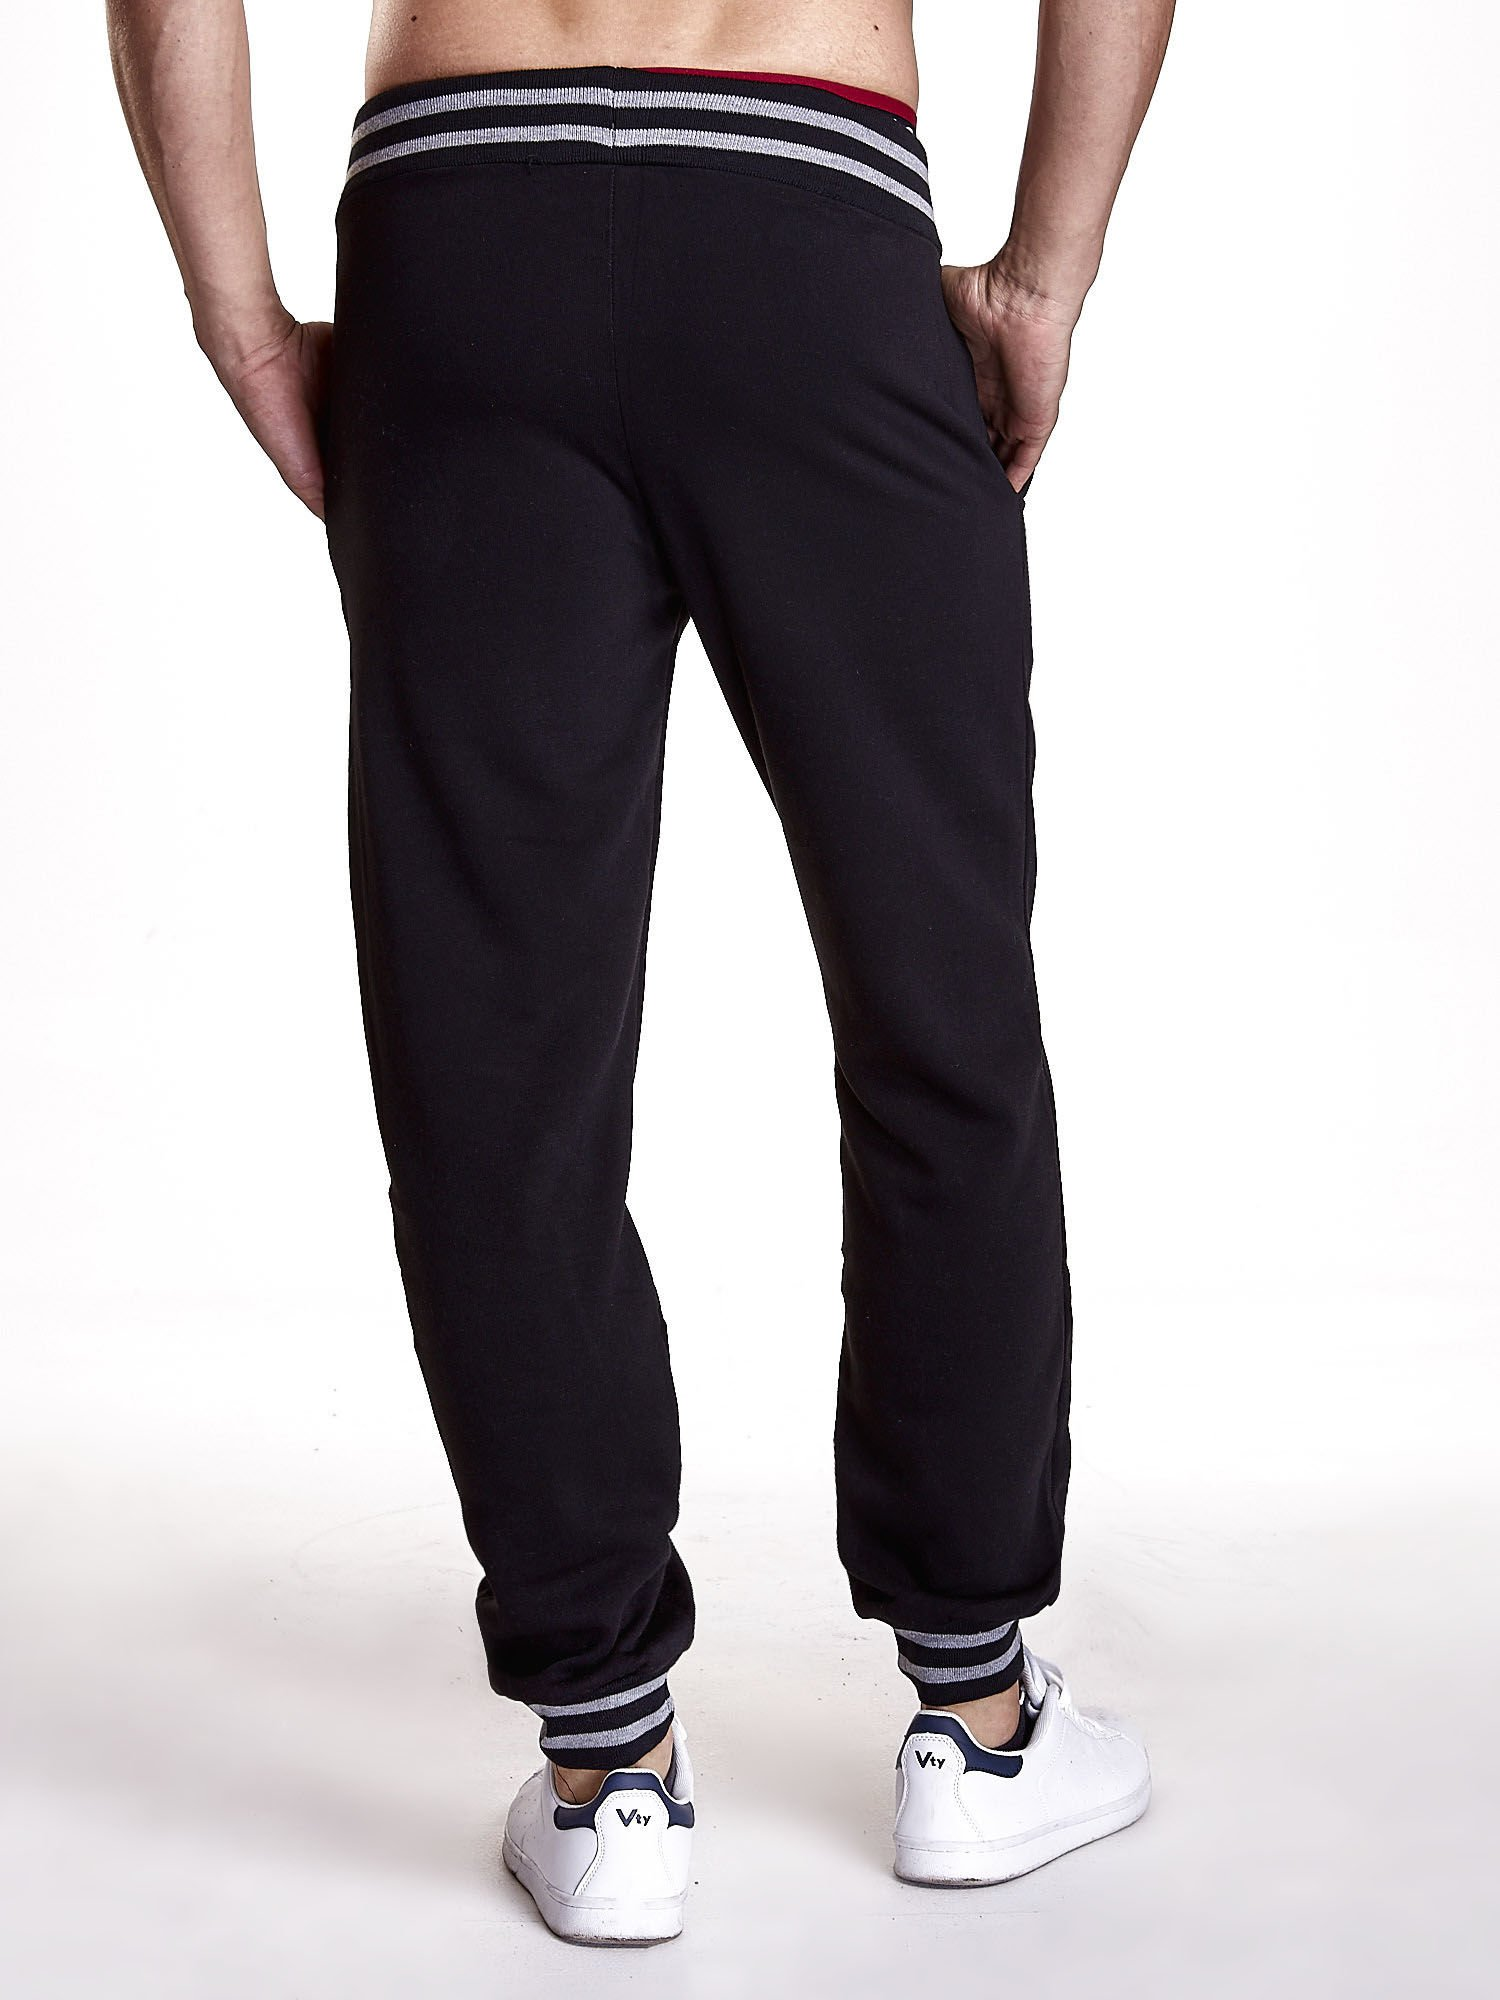 Czarne dresowe spodnie męskie z naszywkami i kieszeniami                                  zdj.                                  3